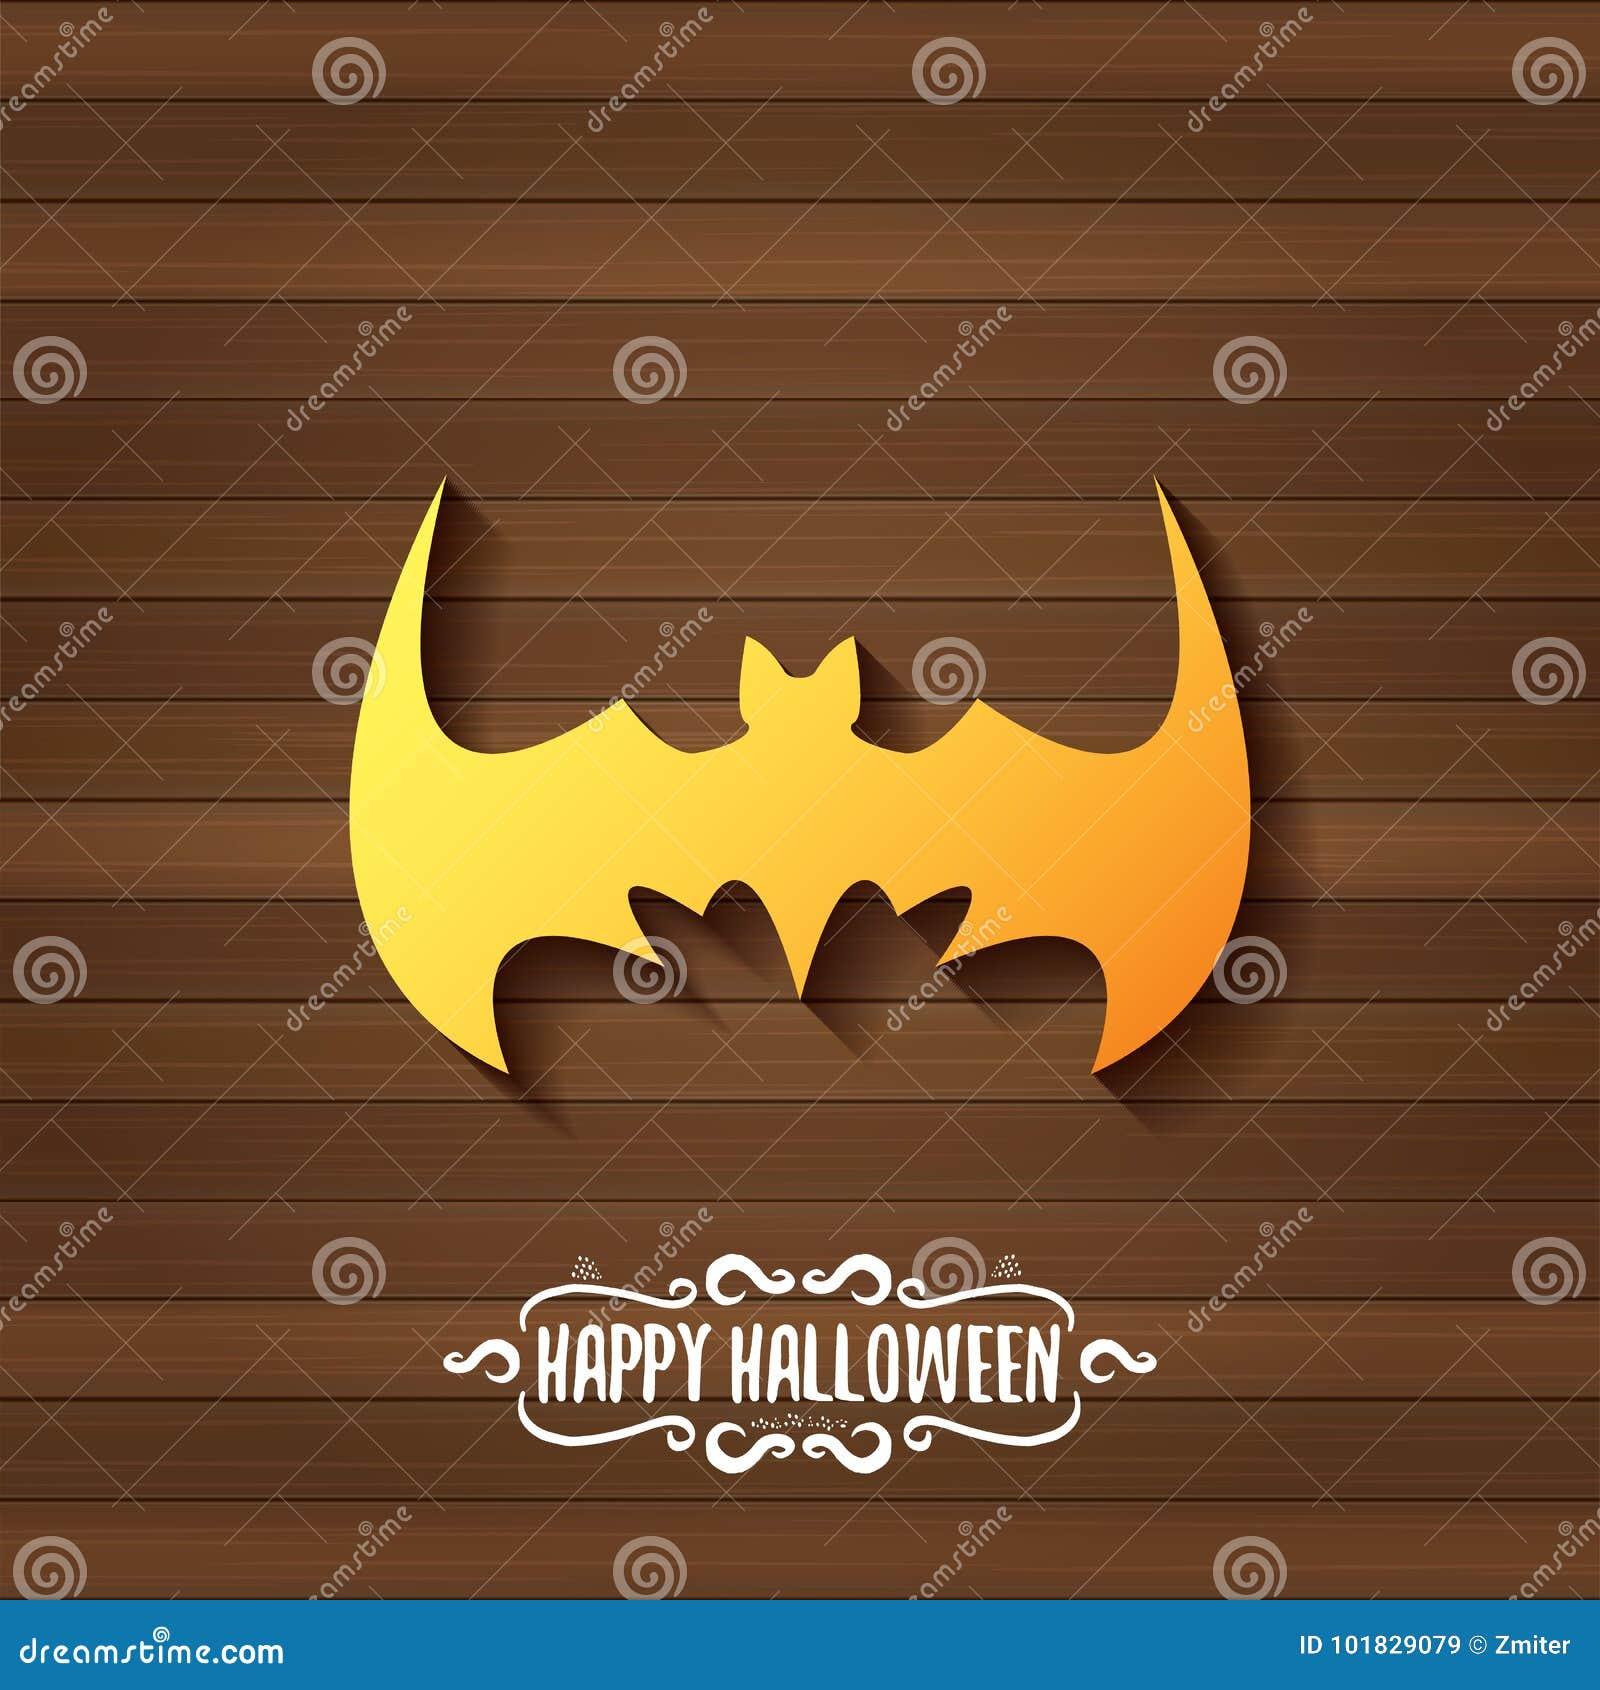 Vector Halloween Golden Bat Animal Silhouette Label Stock Vector